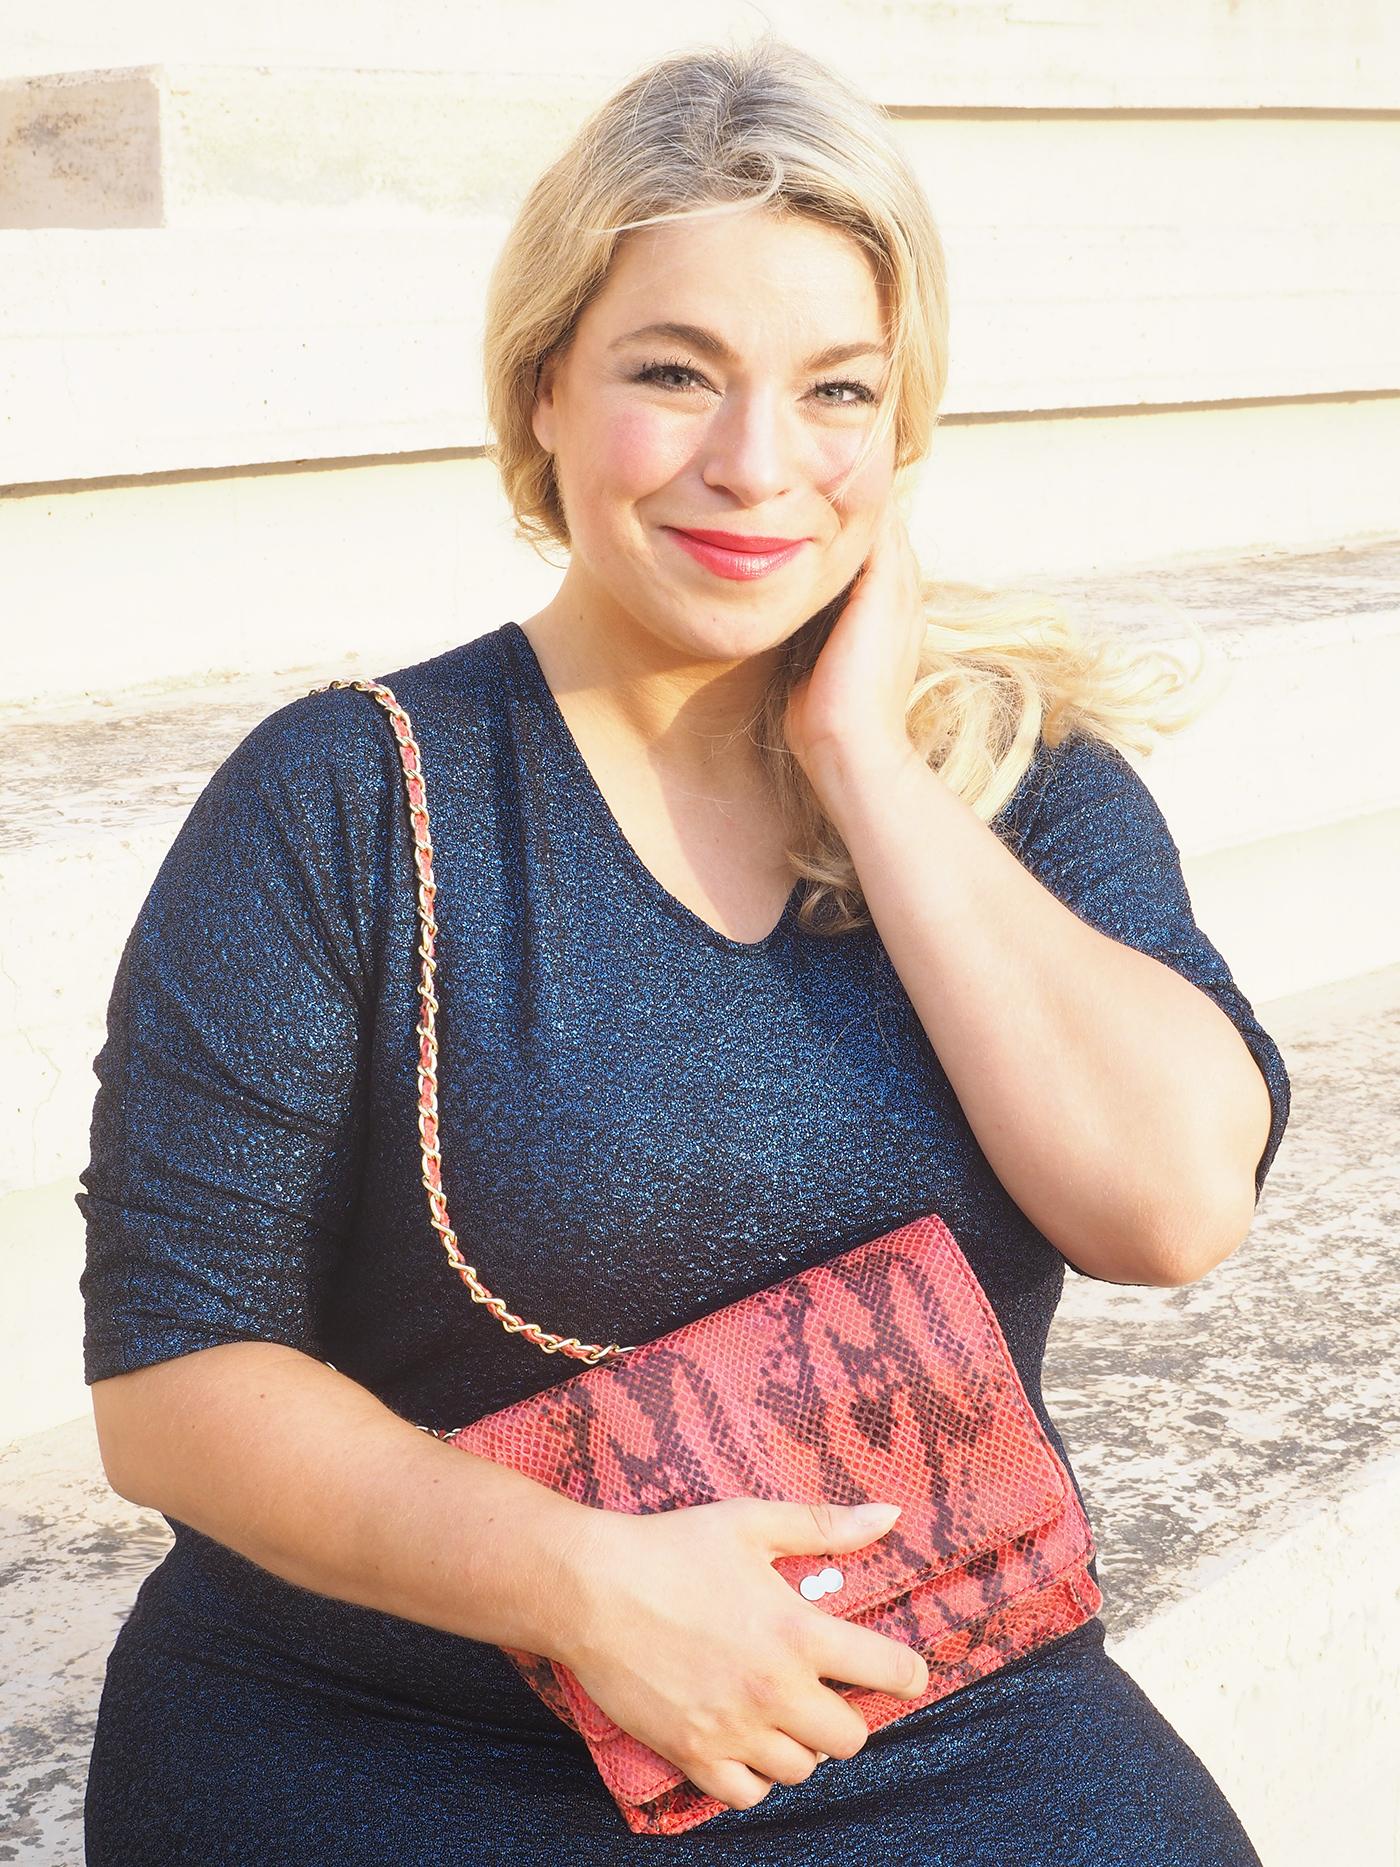 plussizeblogger-plussize-curvy-outfit-styling-megabambi-caterina-pogorzelski